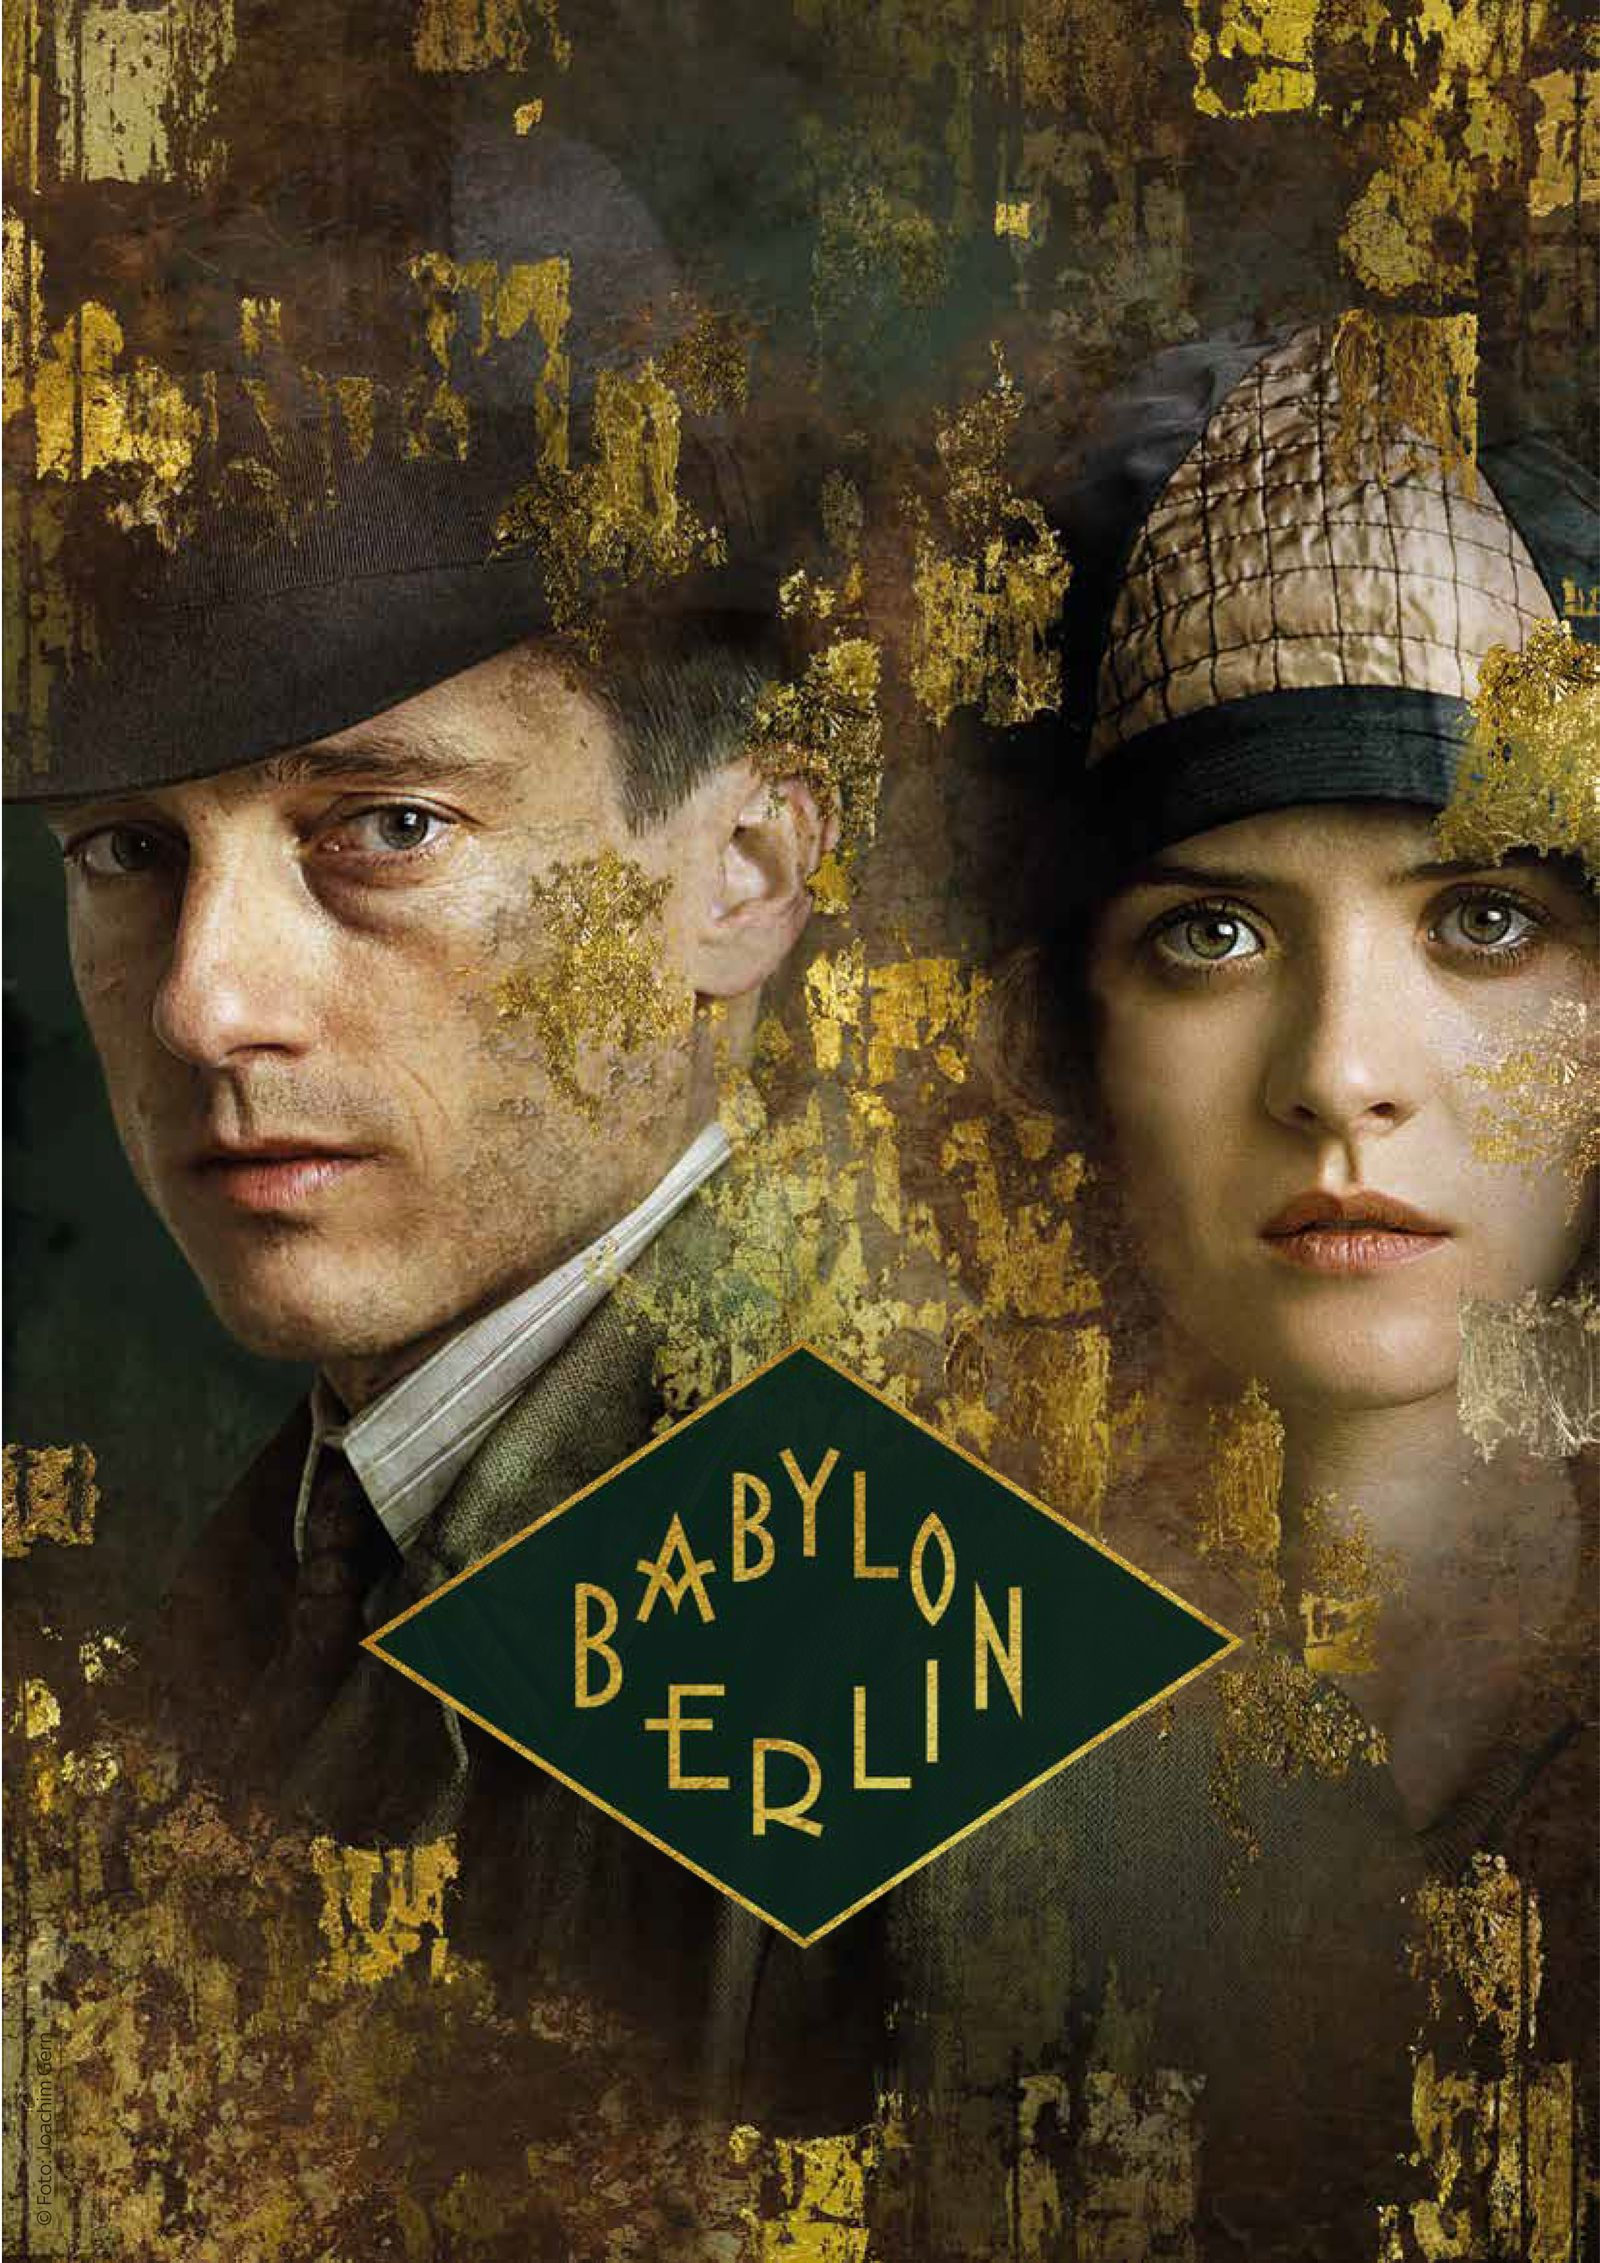 """Как продължава най-скъпият германски сериал досега: Това виждаме в трети сезон на """"Вавилон в Берлин"""" 146"""